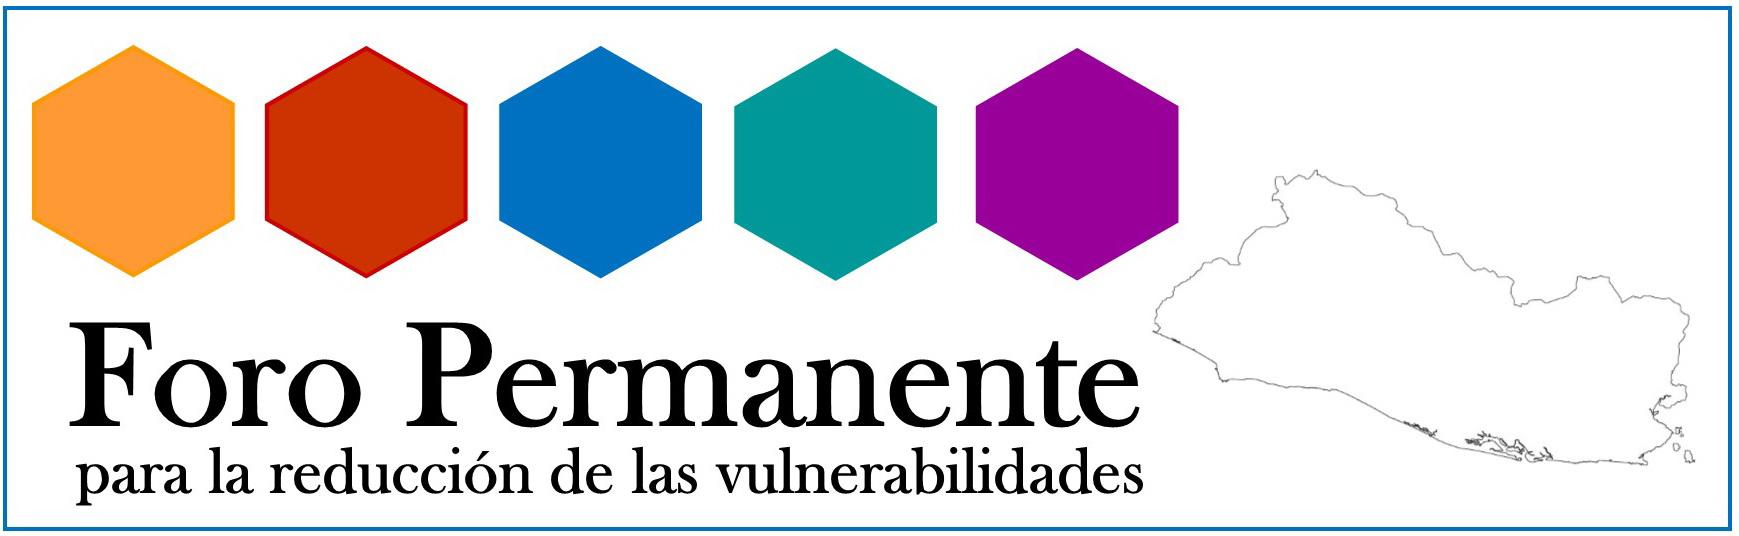 Foro Permanente para la Reducción de Vulnerabilidades, ANTECEDENTES